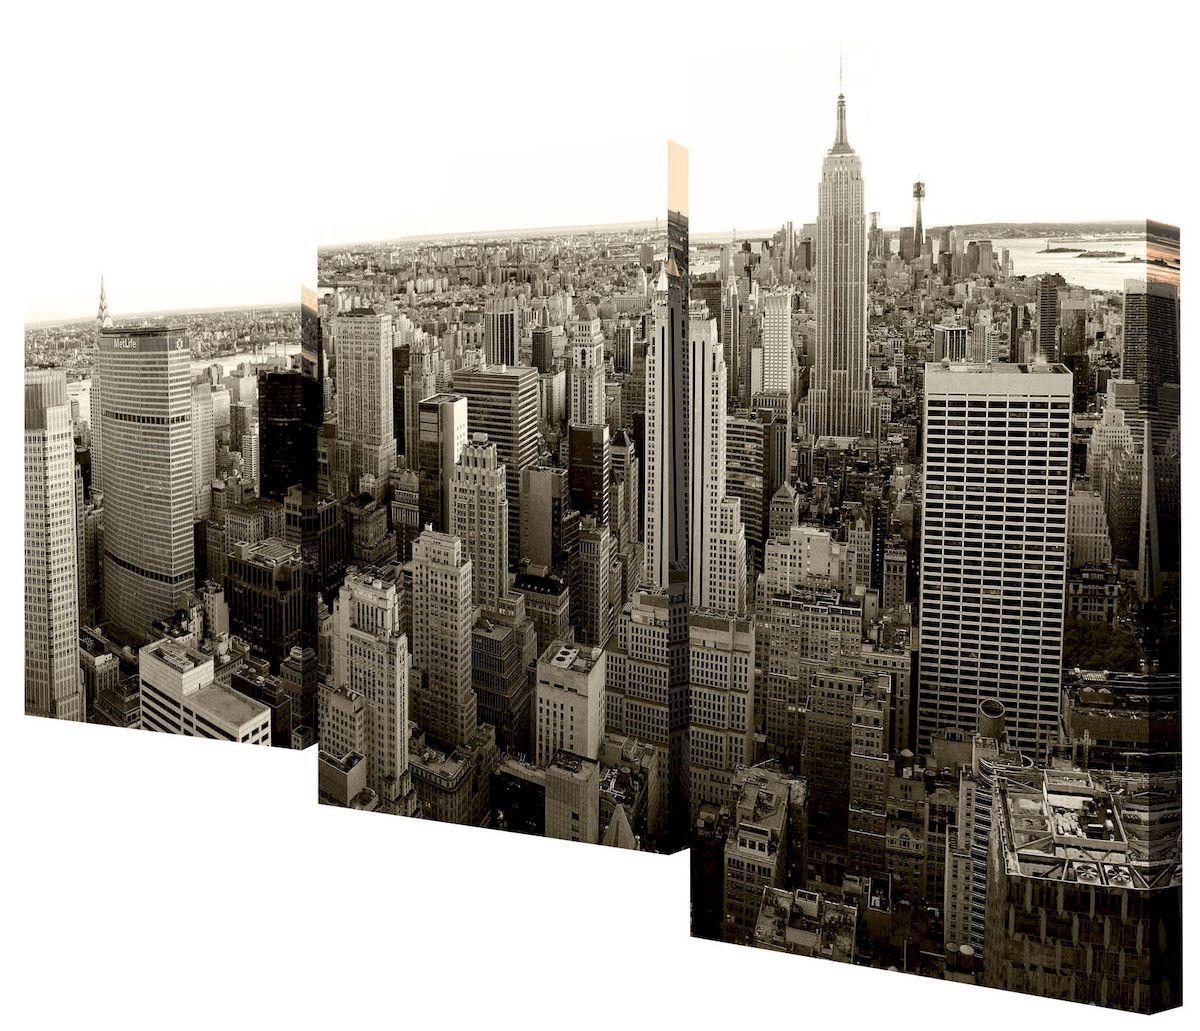 Картина модульная Toplight Город, 50 х 78 см. TL-MM102112723Модульная картина Toplight Город выполнена из синтетического полотна, подрамник из МДФ. Картина состоит из трех частей и выглядит очень аккуратно и эстетично благодаря такому способу оформления как галерейная натяжка. Подрамник исключает провисание полотна. Современные технологии, уникальное оборудование и цифровая печать, используемые в производстве, делают постер устойчивым к выцветанию и обеспечивают исключительное качество произведений. Благодаря наличию необходимых креплений в комплекте установка не займет много времени. Модульная картина - это прекрасная возможность создать яркий акцент при оформлении любого помещения. Изделие обязательно привлечет внимание и подарит немало приятных впечатлений своим обладателям. Правила ухода: можно протирать сухой, мягкой тканью. Размеры модулей: 26 х 31 см, 26 х 50 см, 26 х 40 см.Рекомендованное расстояние между сегментами: 1 см. Толщина подрамника: 2 см.